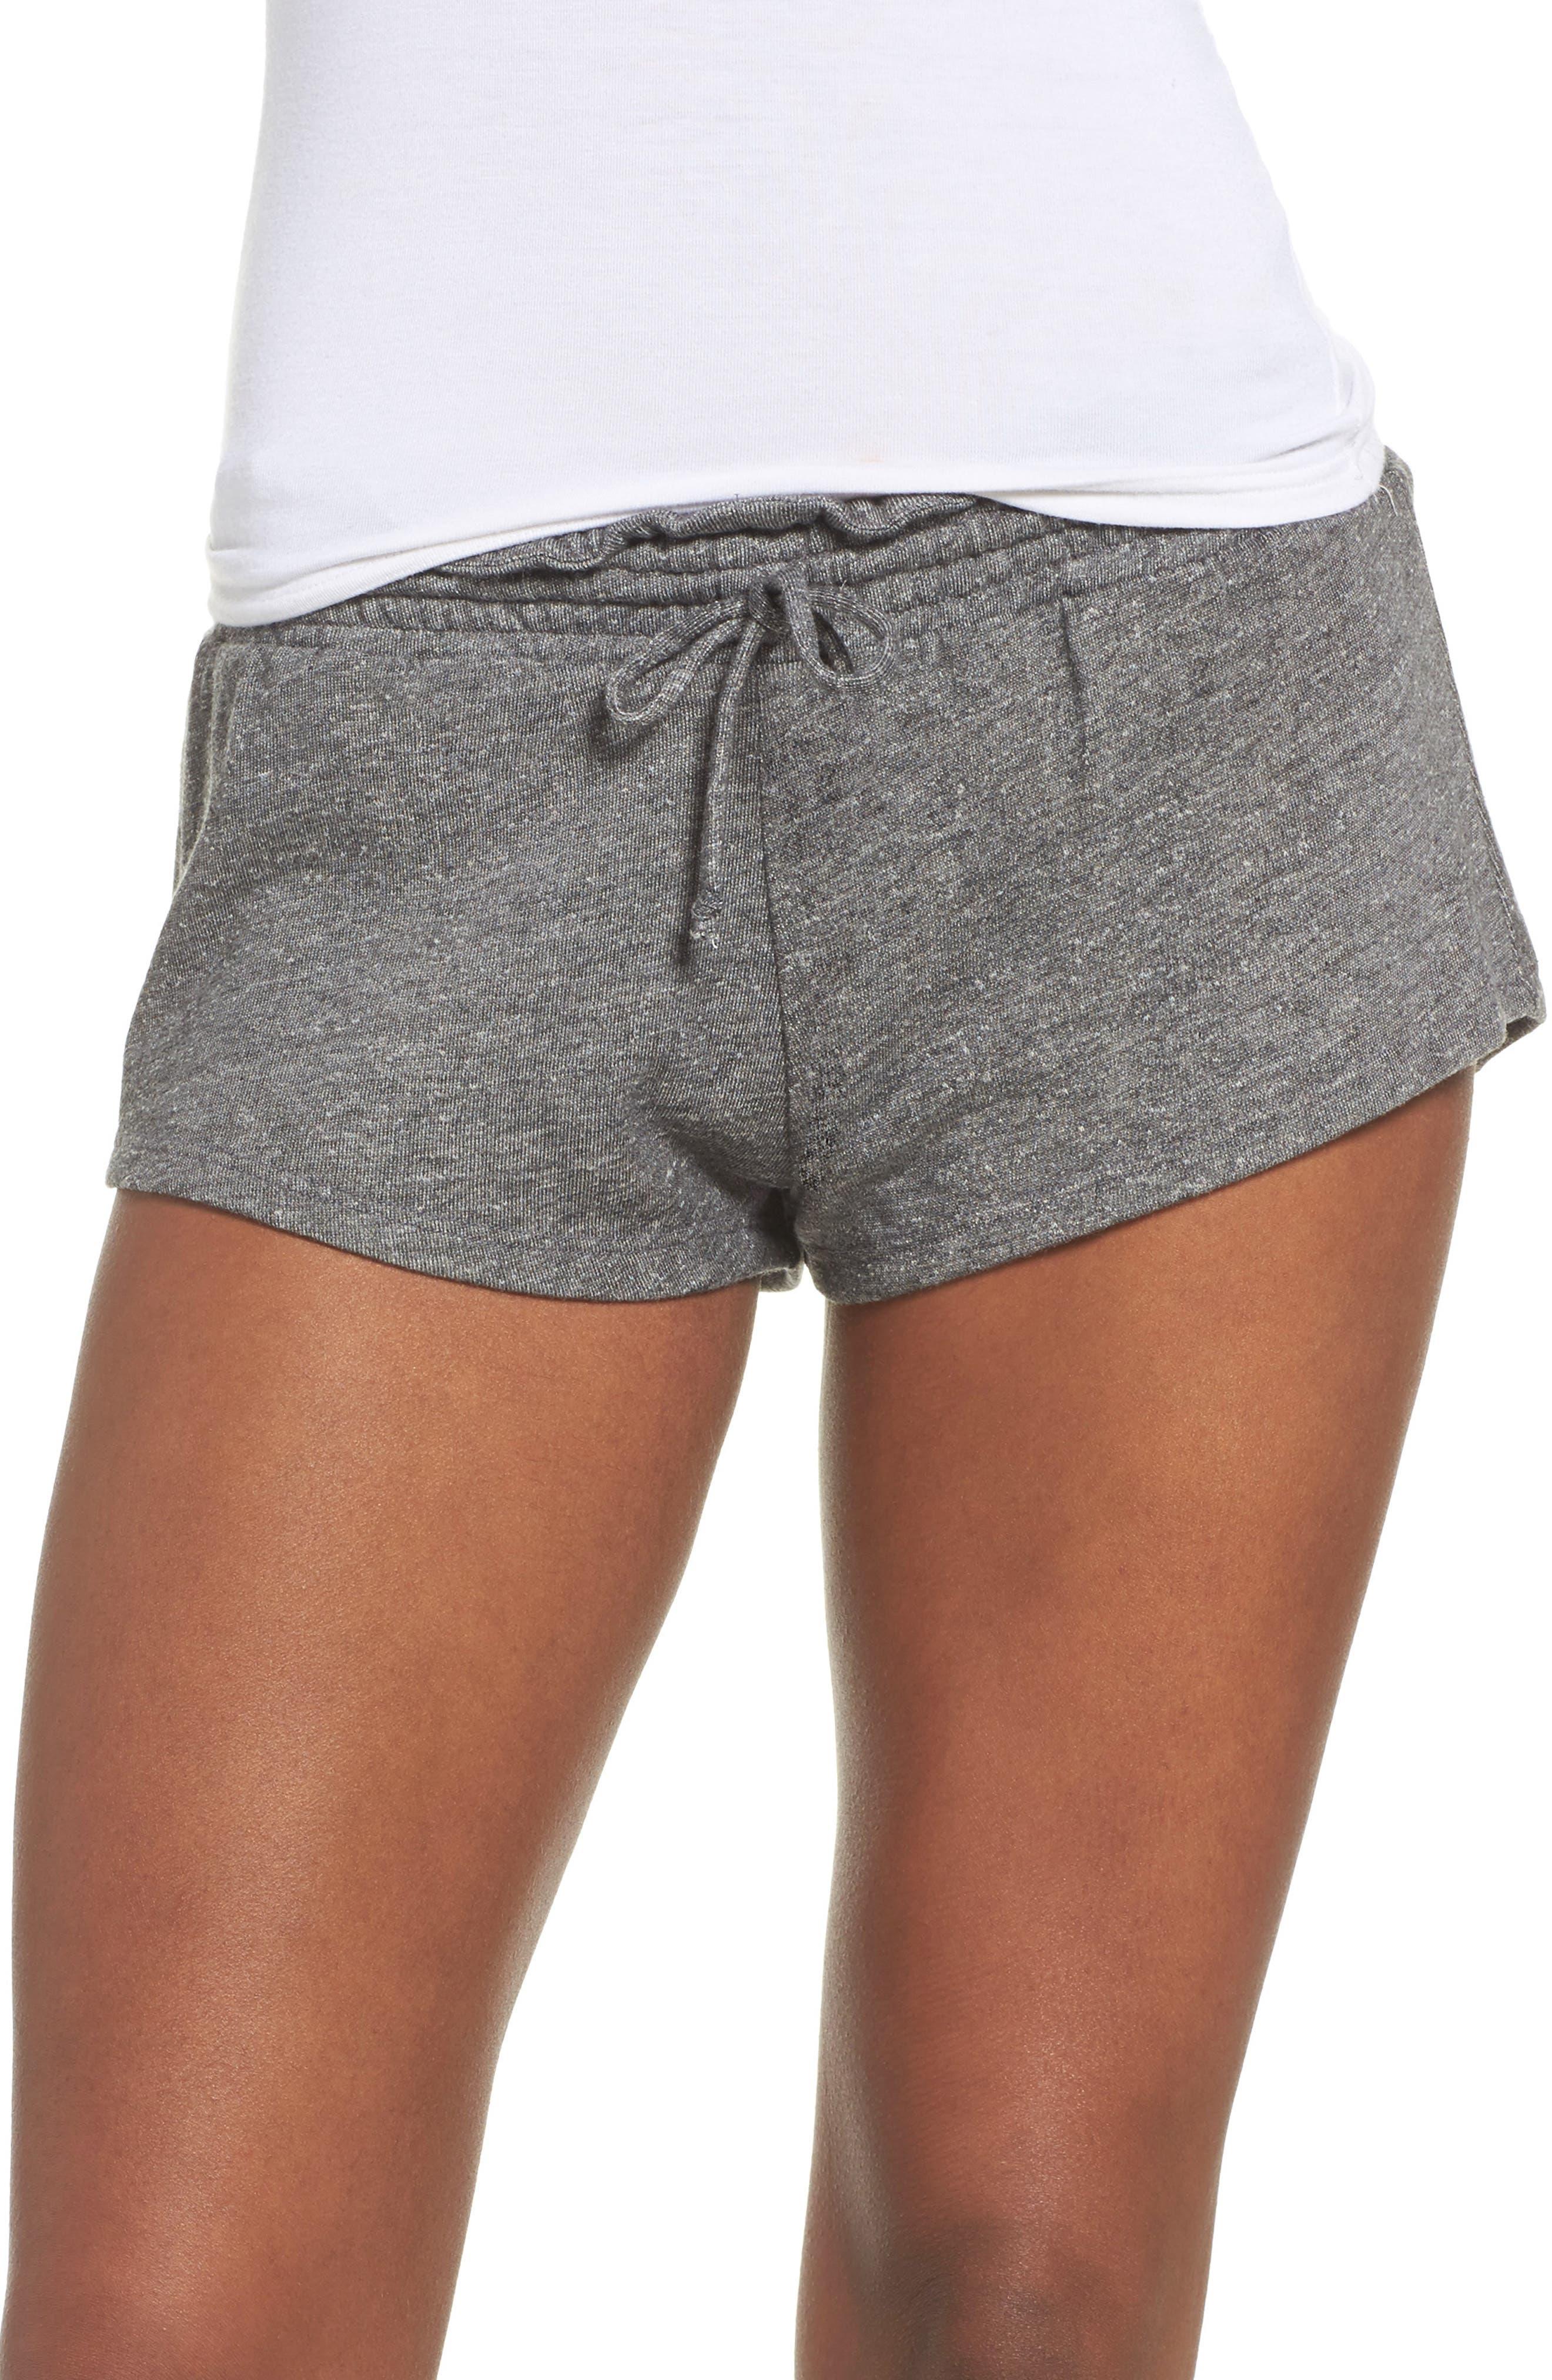 Dallas Shorts,                         Main,                         color, Charcoal